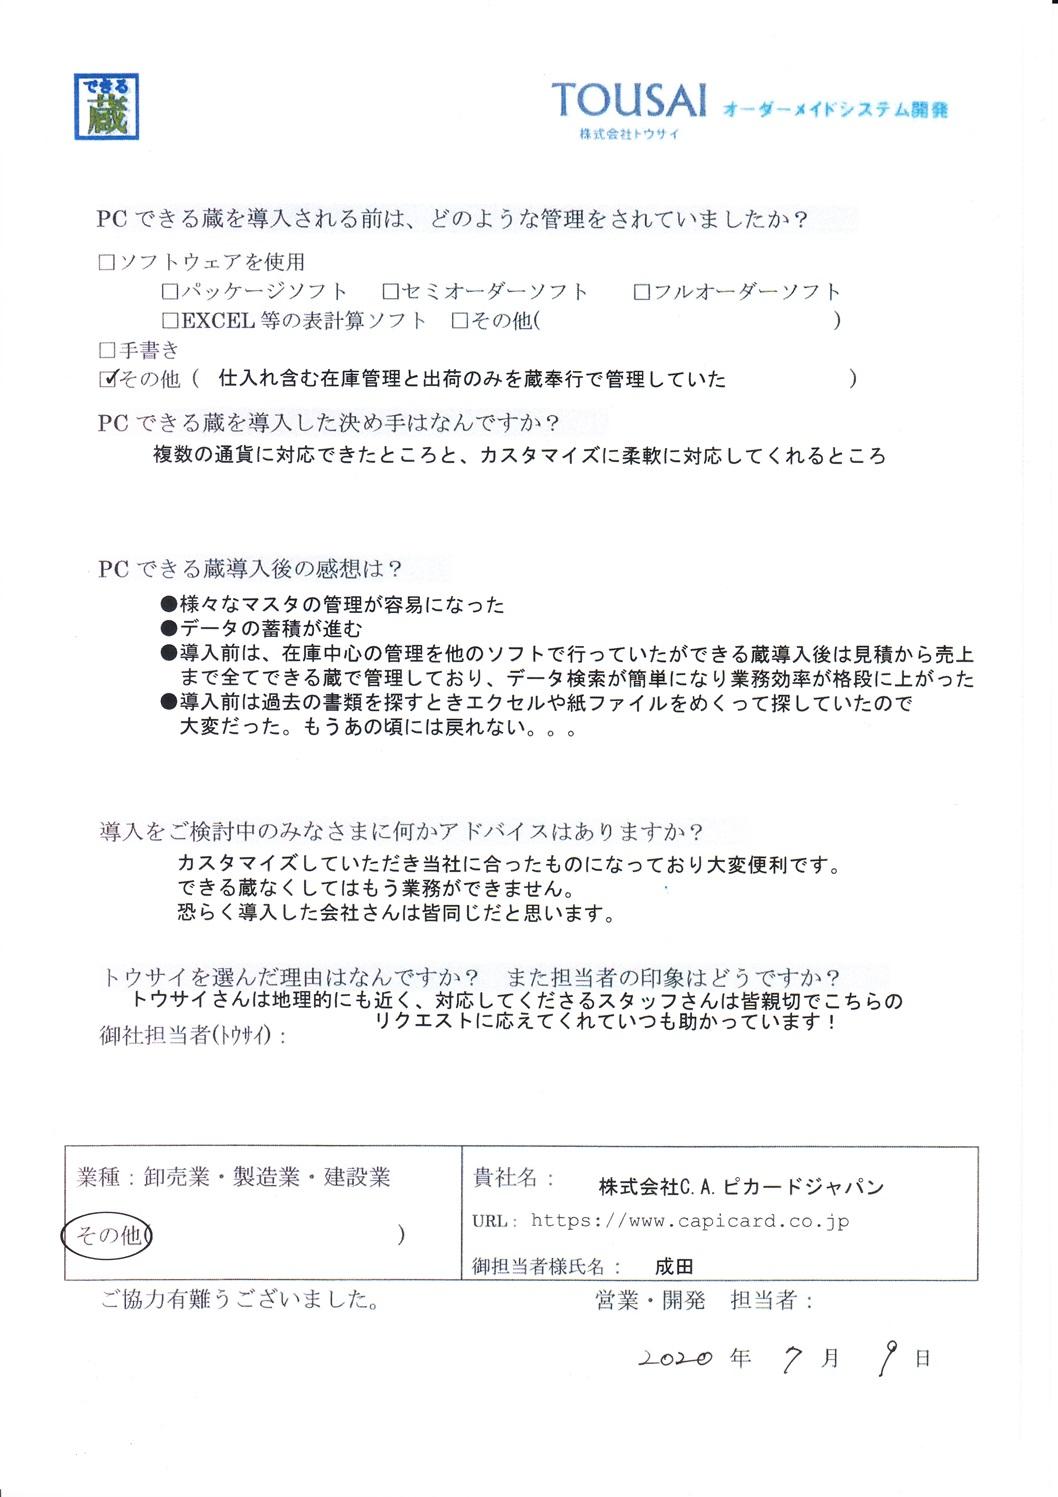 株式会社 C.A.ピカードジャパン  様